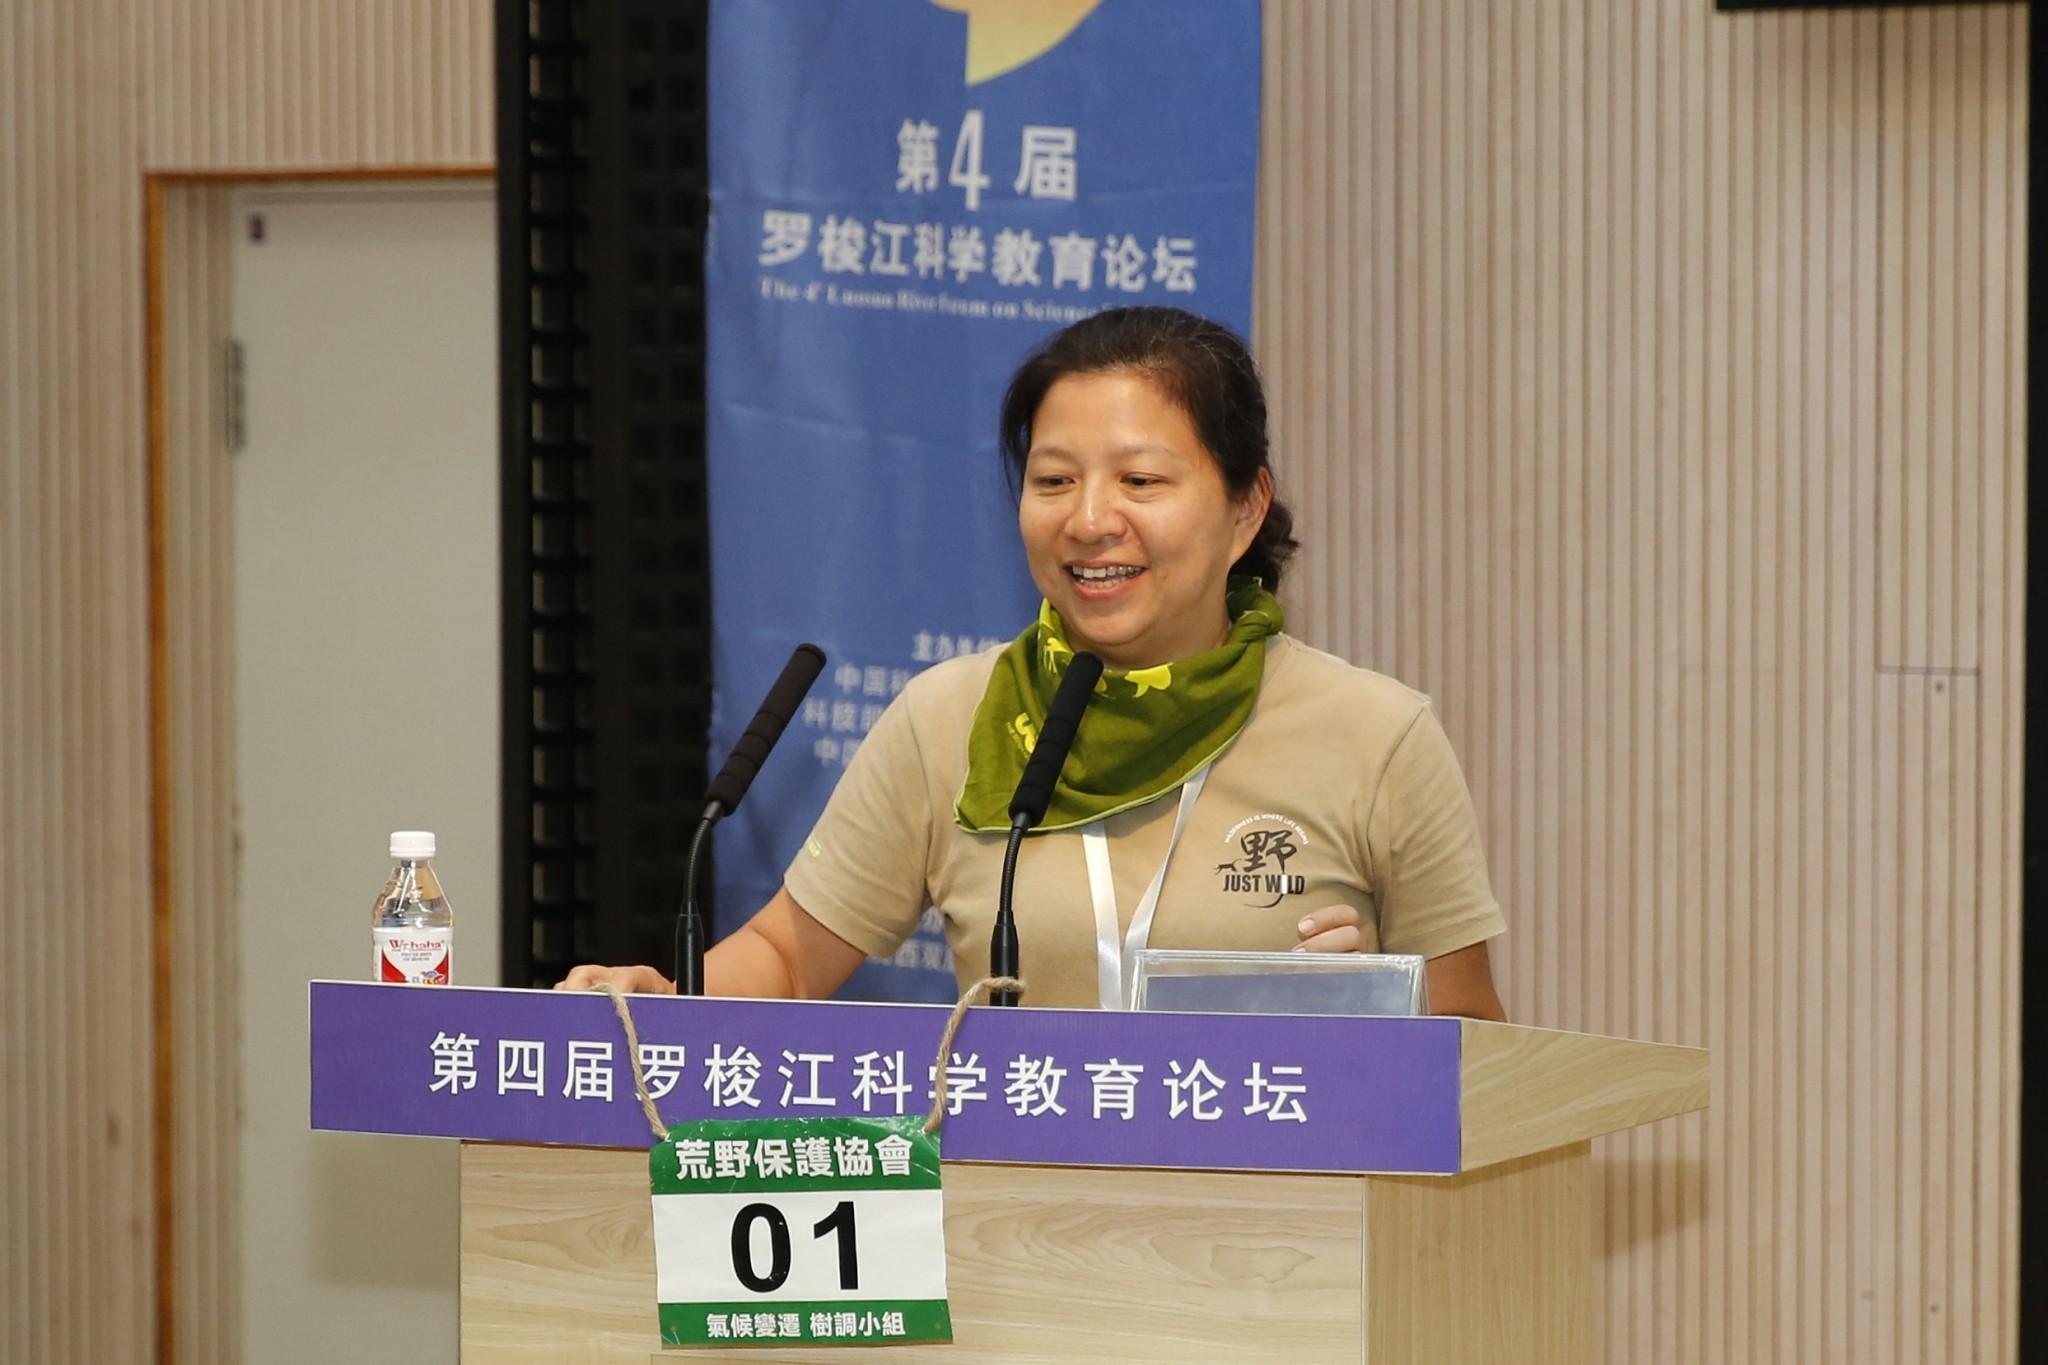 【案例分享】荒野保护协会  林君兰:树荫下的气候变迁